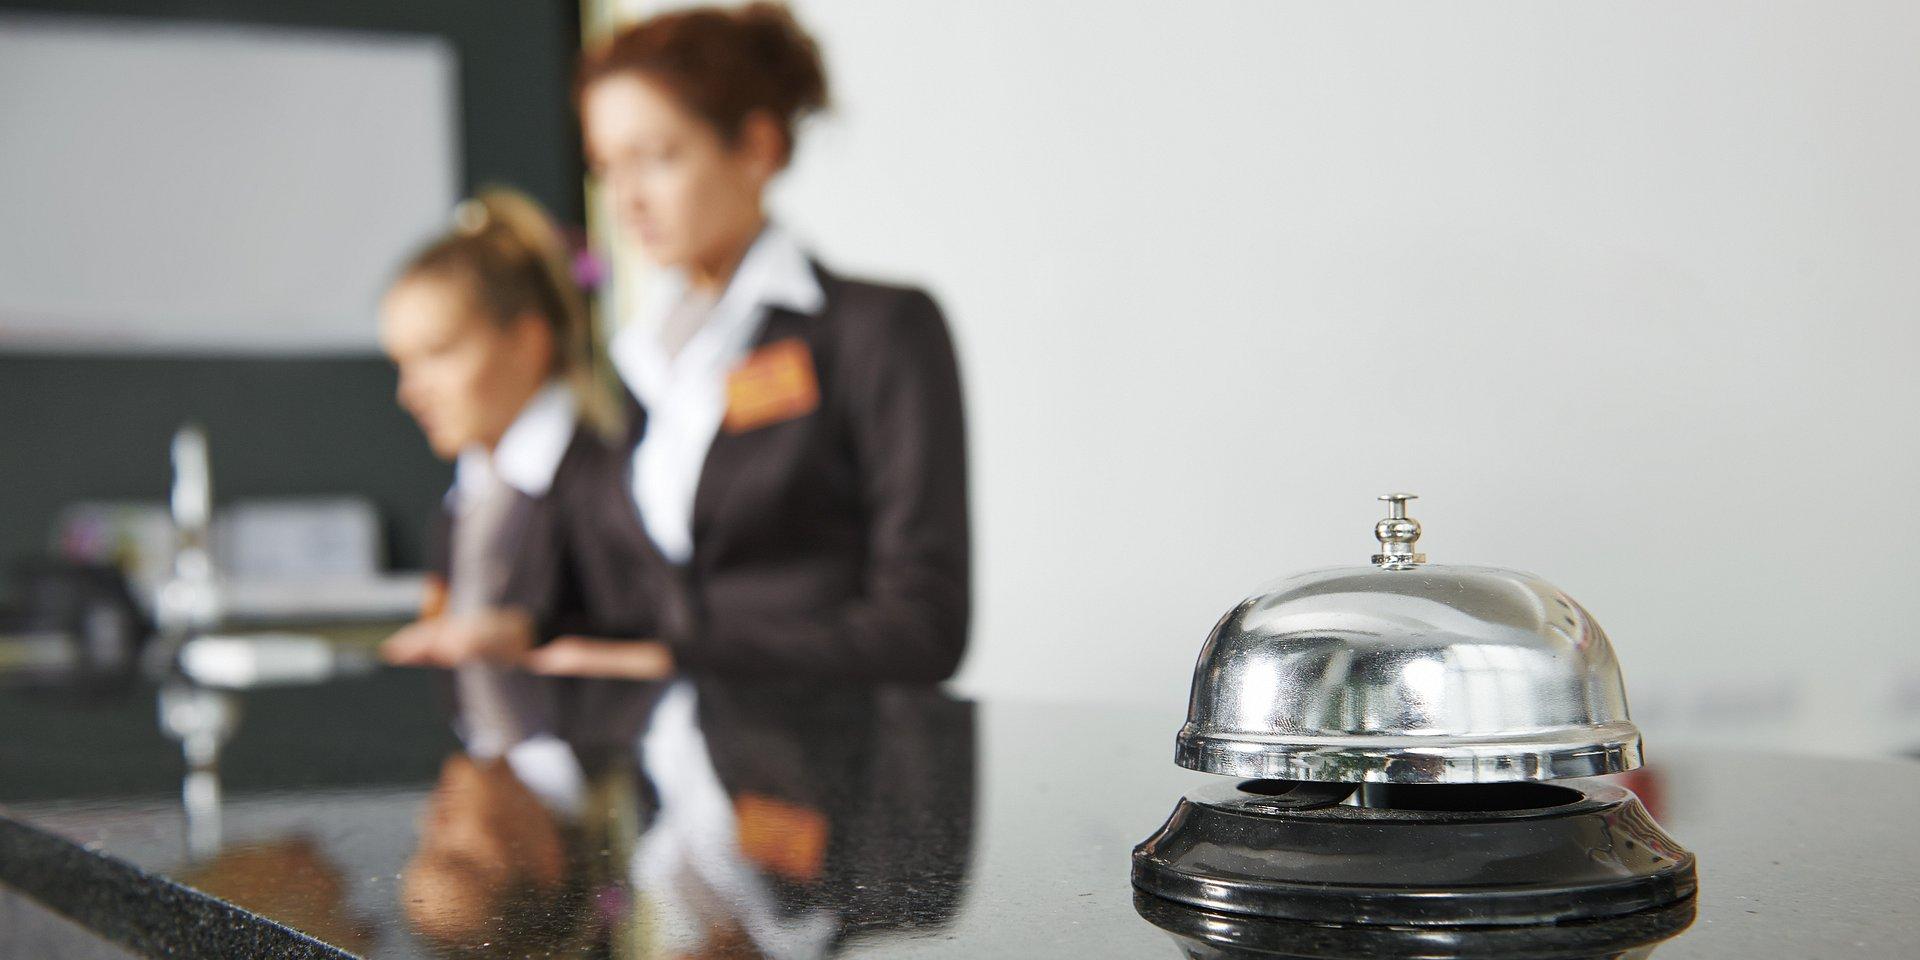 Nie tylko luksusowe hotele przyciągną zagranicznych inwestorów – w kolejnych latach wzrośnie zainteresowanie niższą liczbą gwiazdek